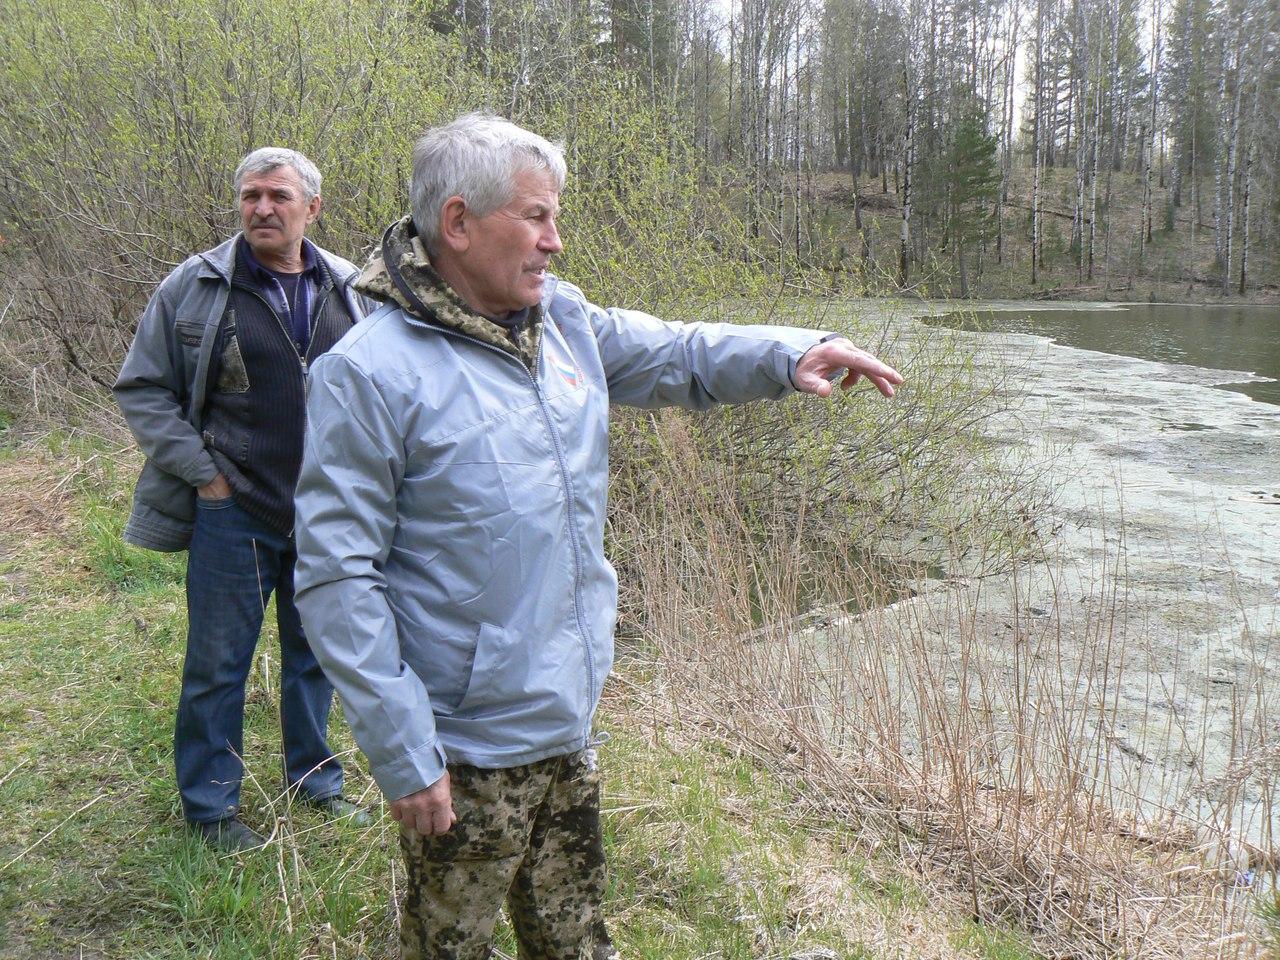 Представители Народного фронта в Томской области приняли участие в выпуске молоди рыбы ценных пород в искусственное озеро